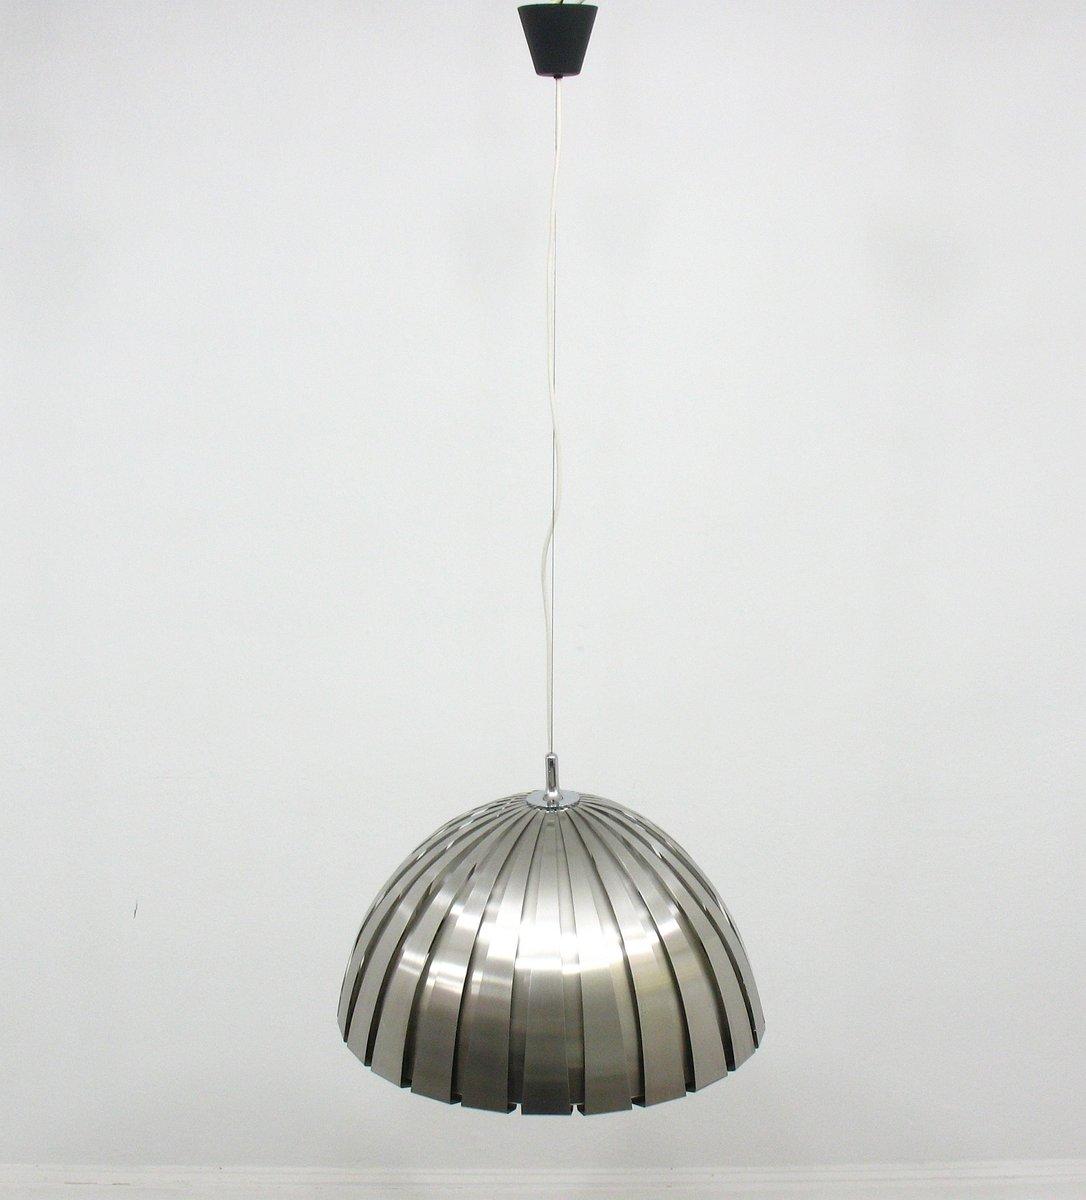 Calotta Deckenlampe von Elio Martinelli für Martinelli Luce, 1960er